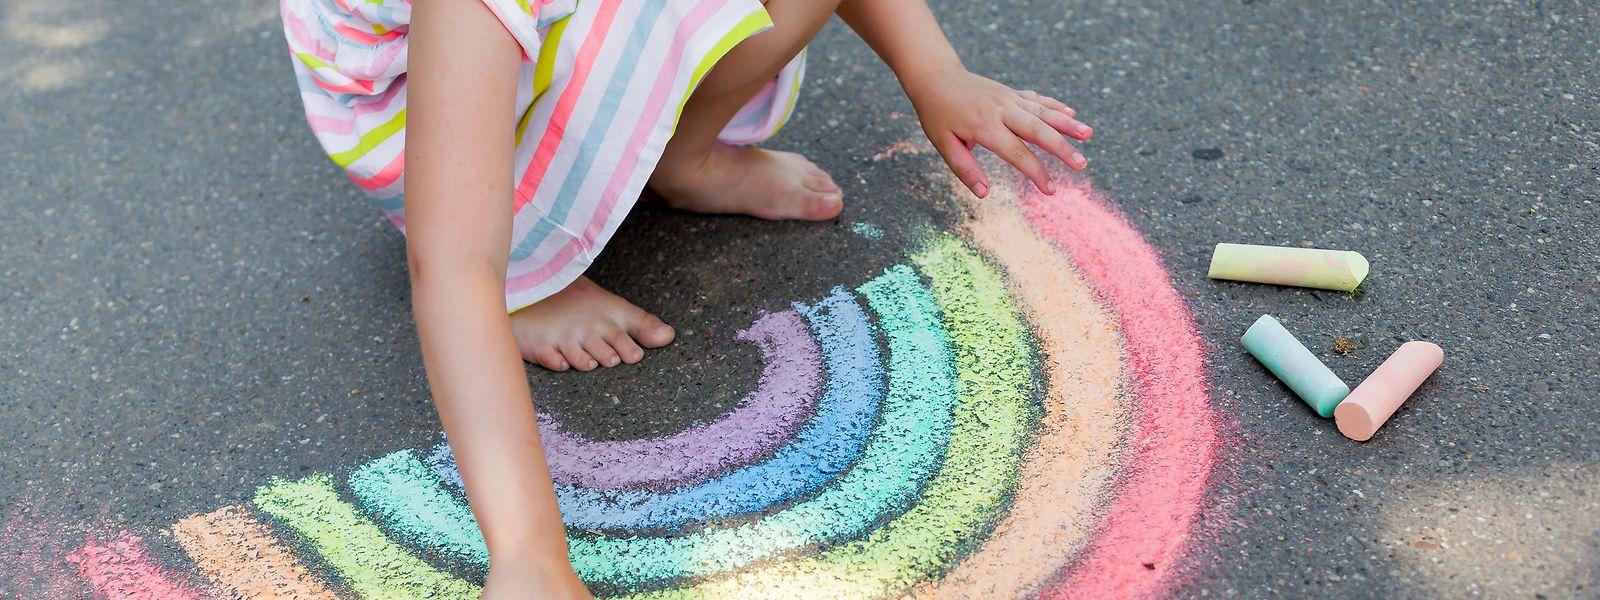 Kinder brauchen nicht viel Material oder Raum, um sich zu beschäftigen.